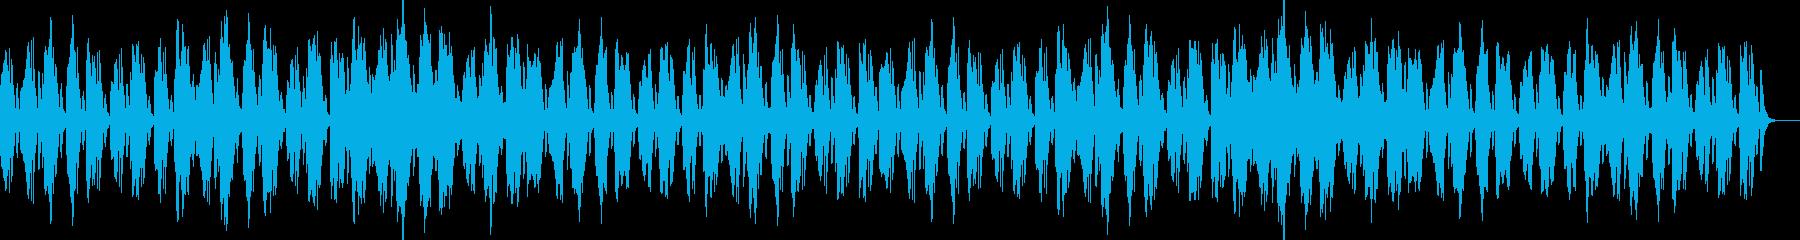 マリンバと鉄琴のかわいい系の再生済みの波形